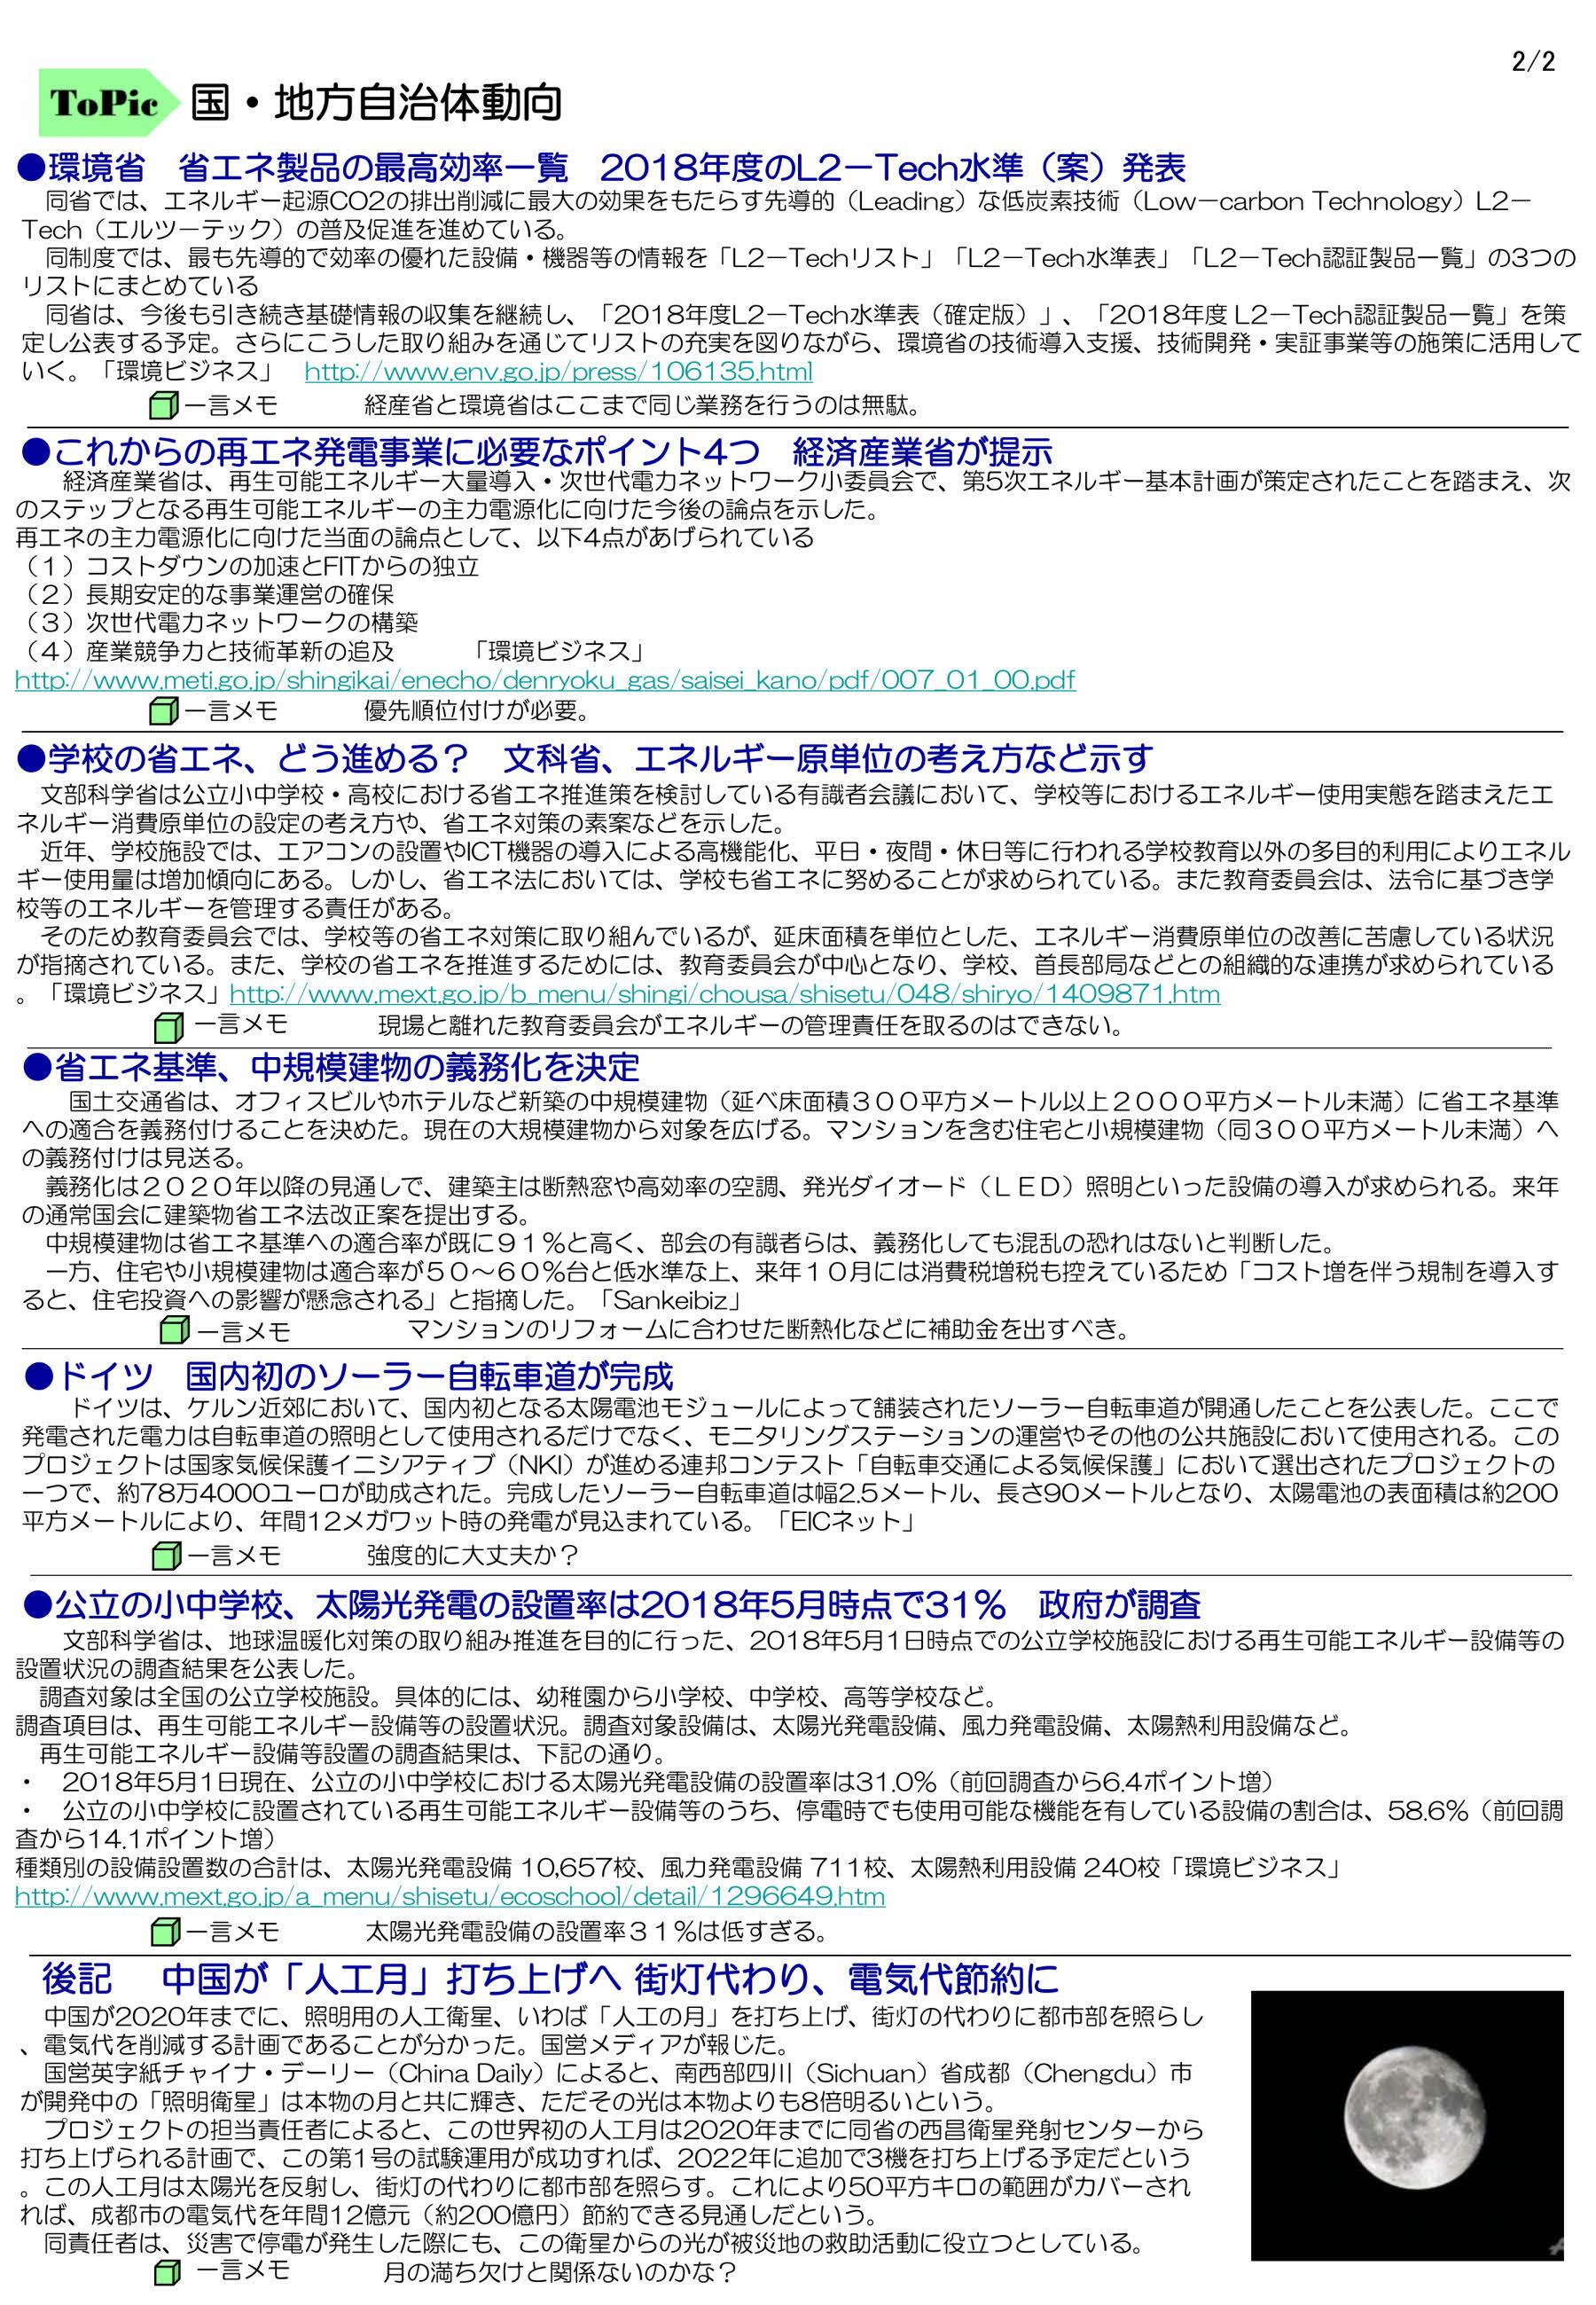 資源エネレポート -N0.56-